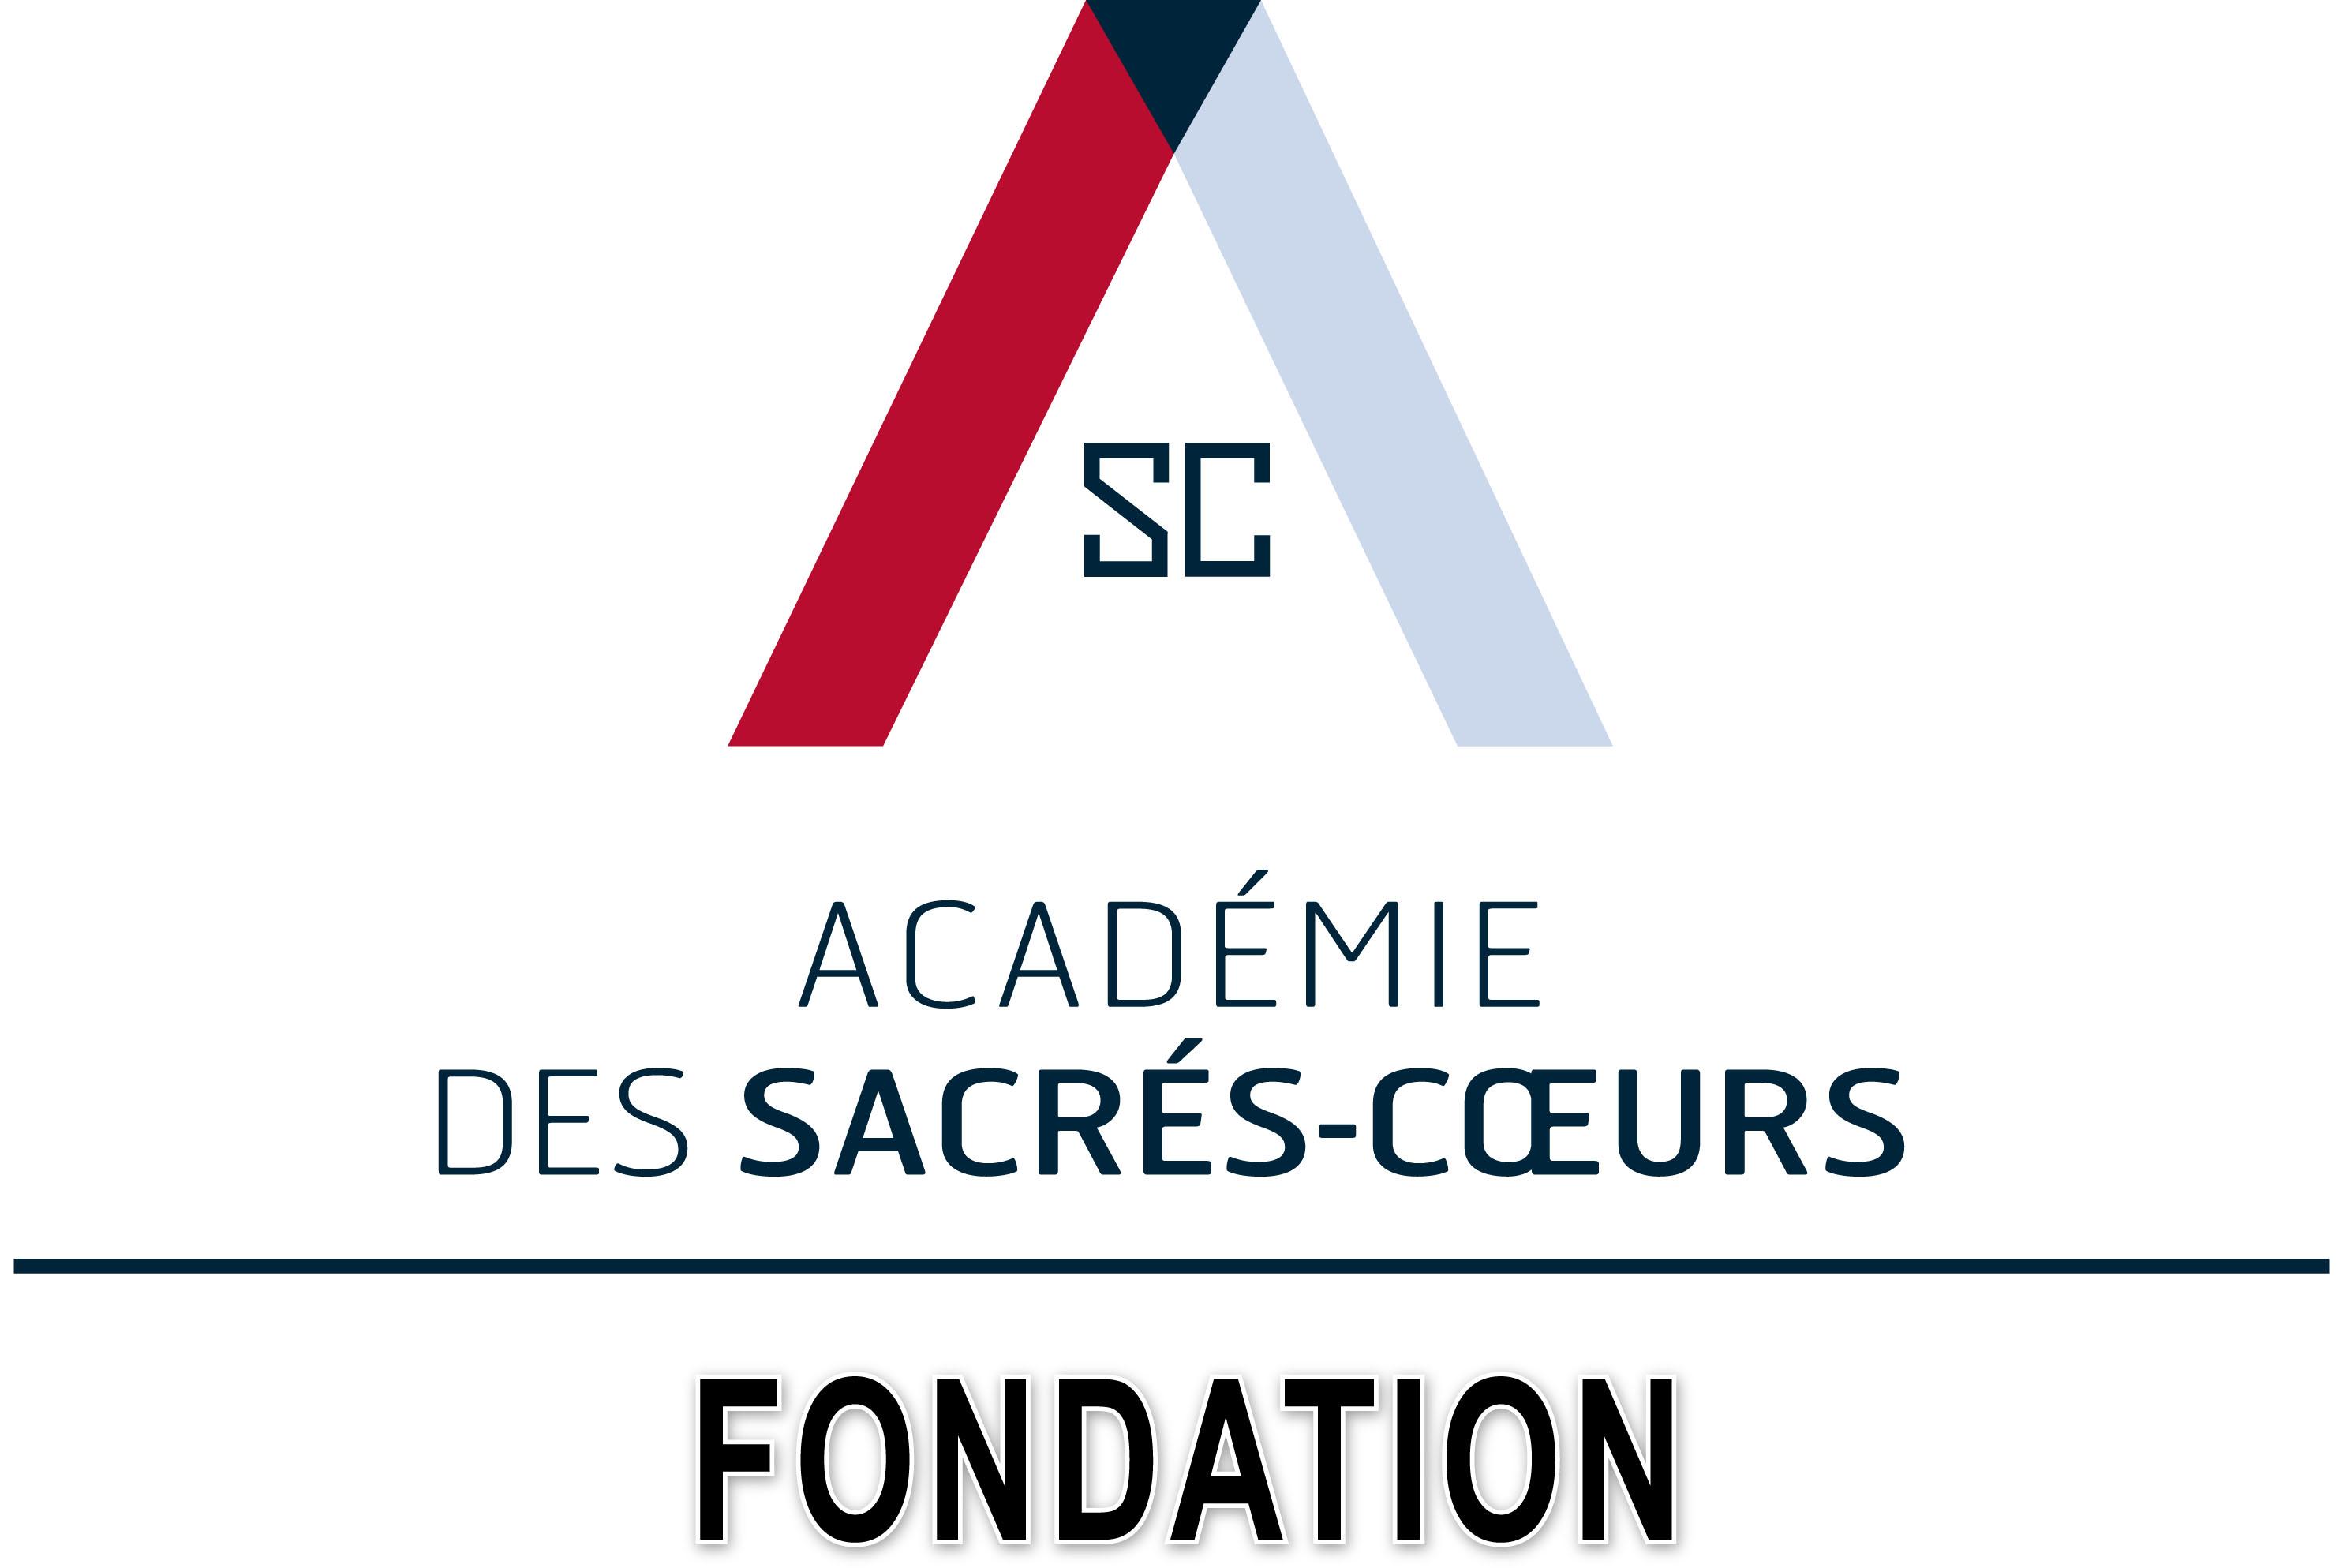 Logo Fondation Académie des Sacrés-Coeurs